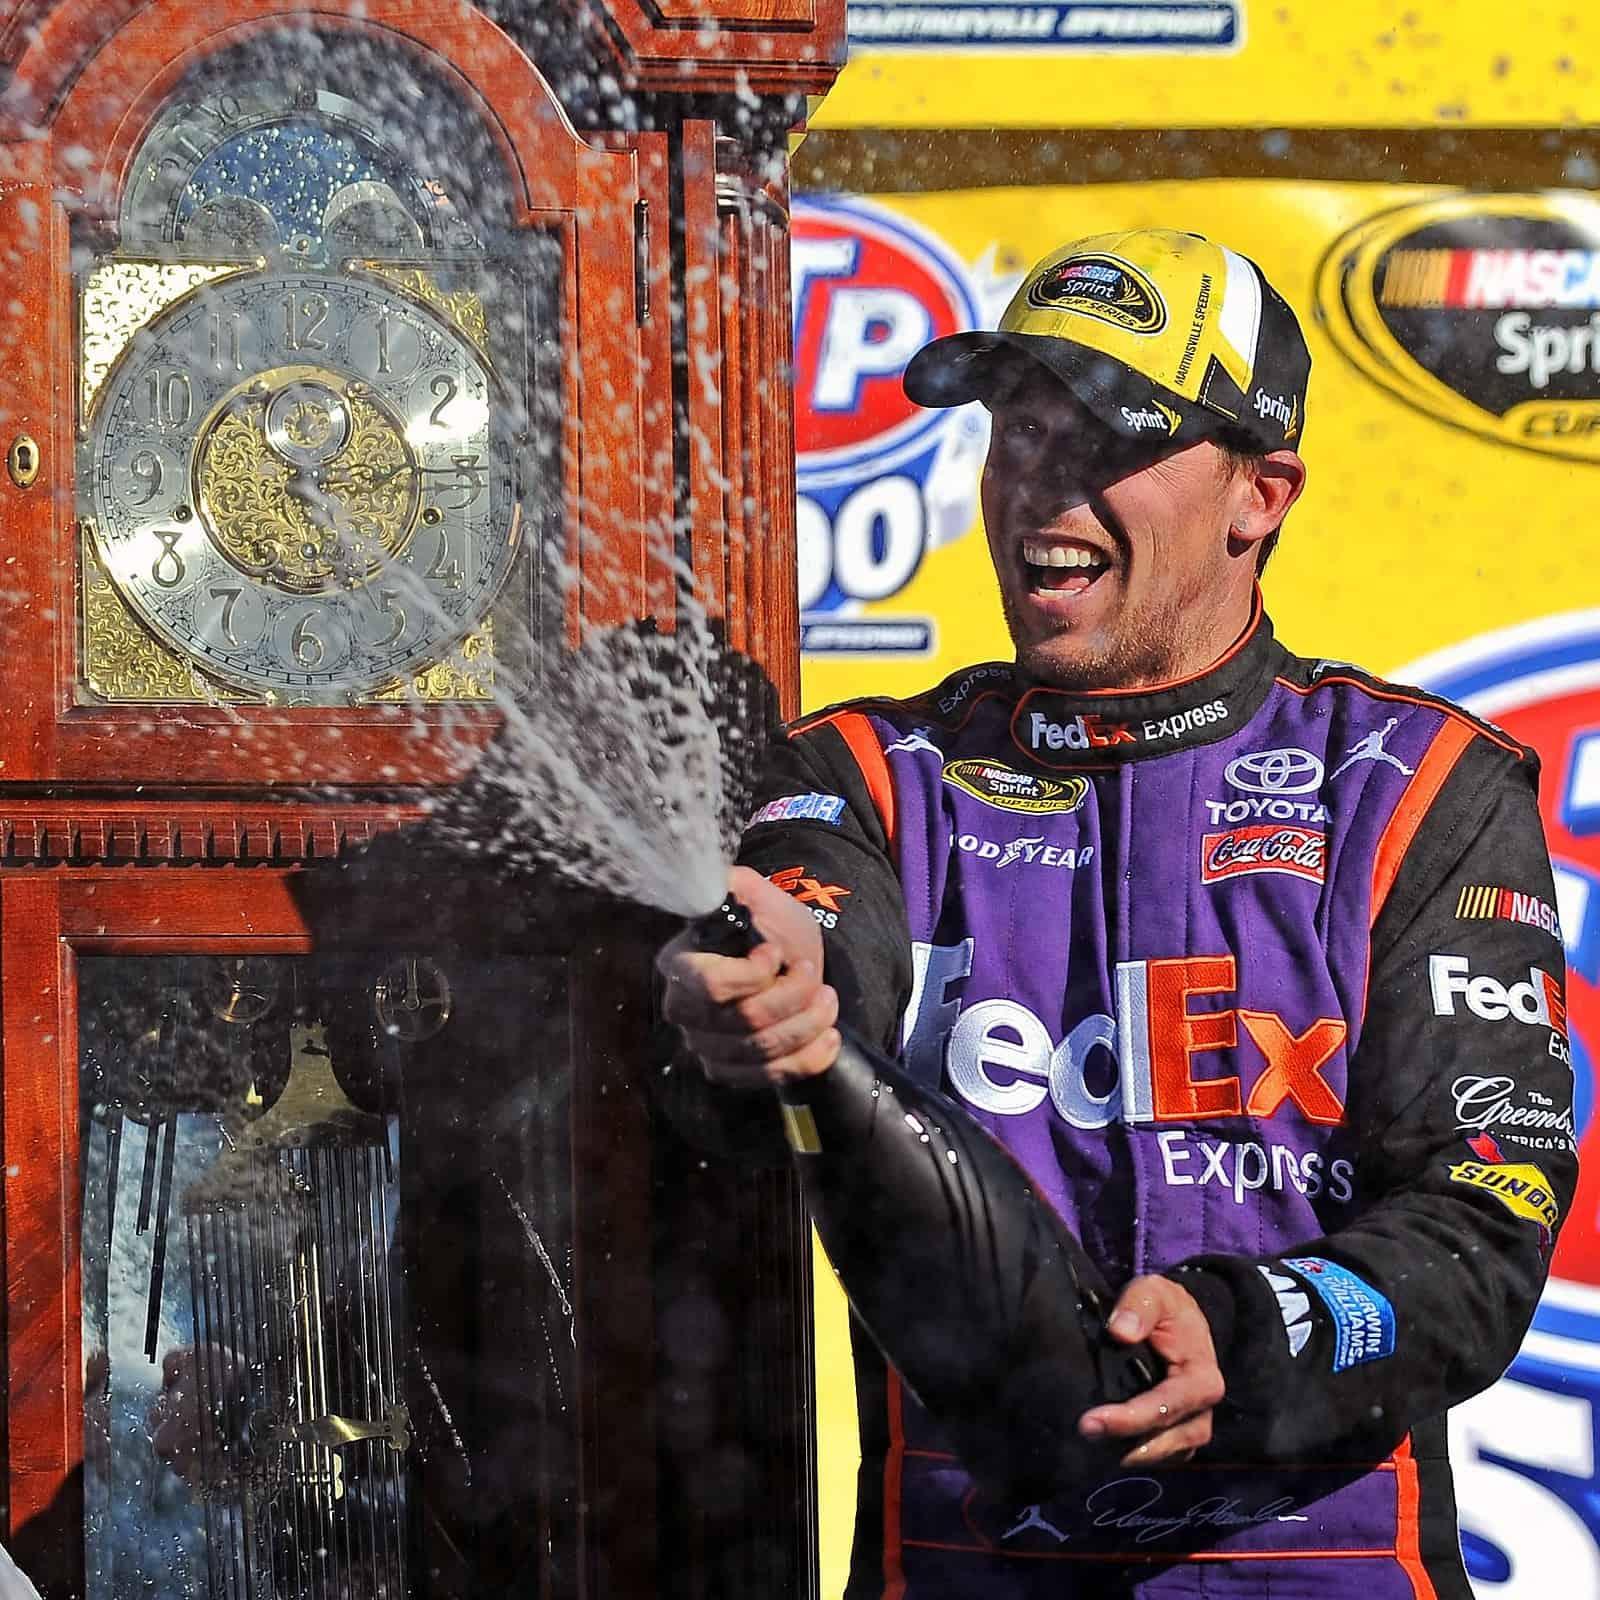 2015 Martinsville I CUP Denny HAmlin champagne credit NASCAR via Getty Images